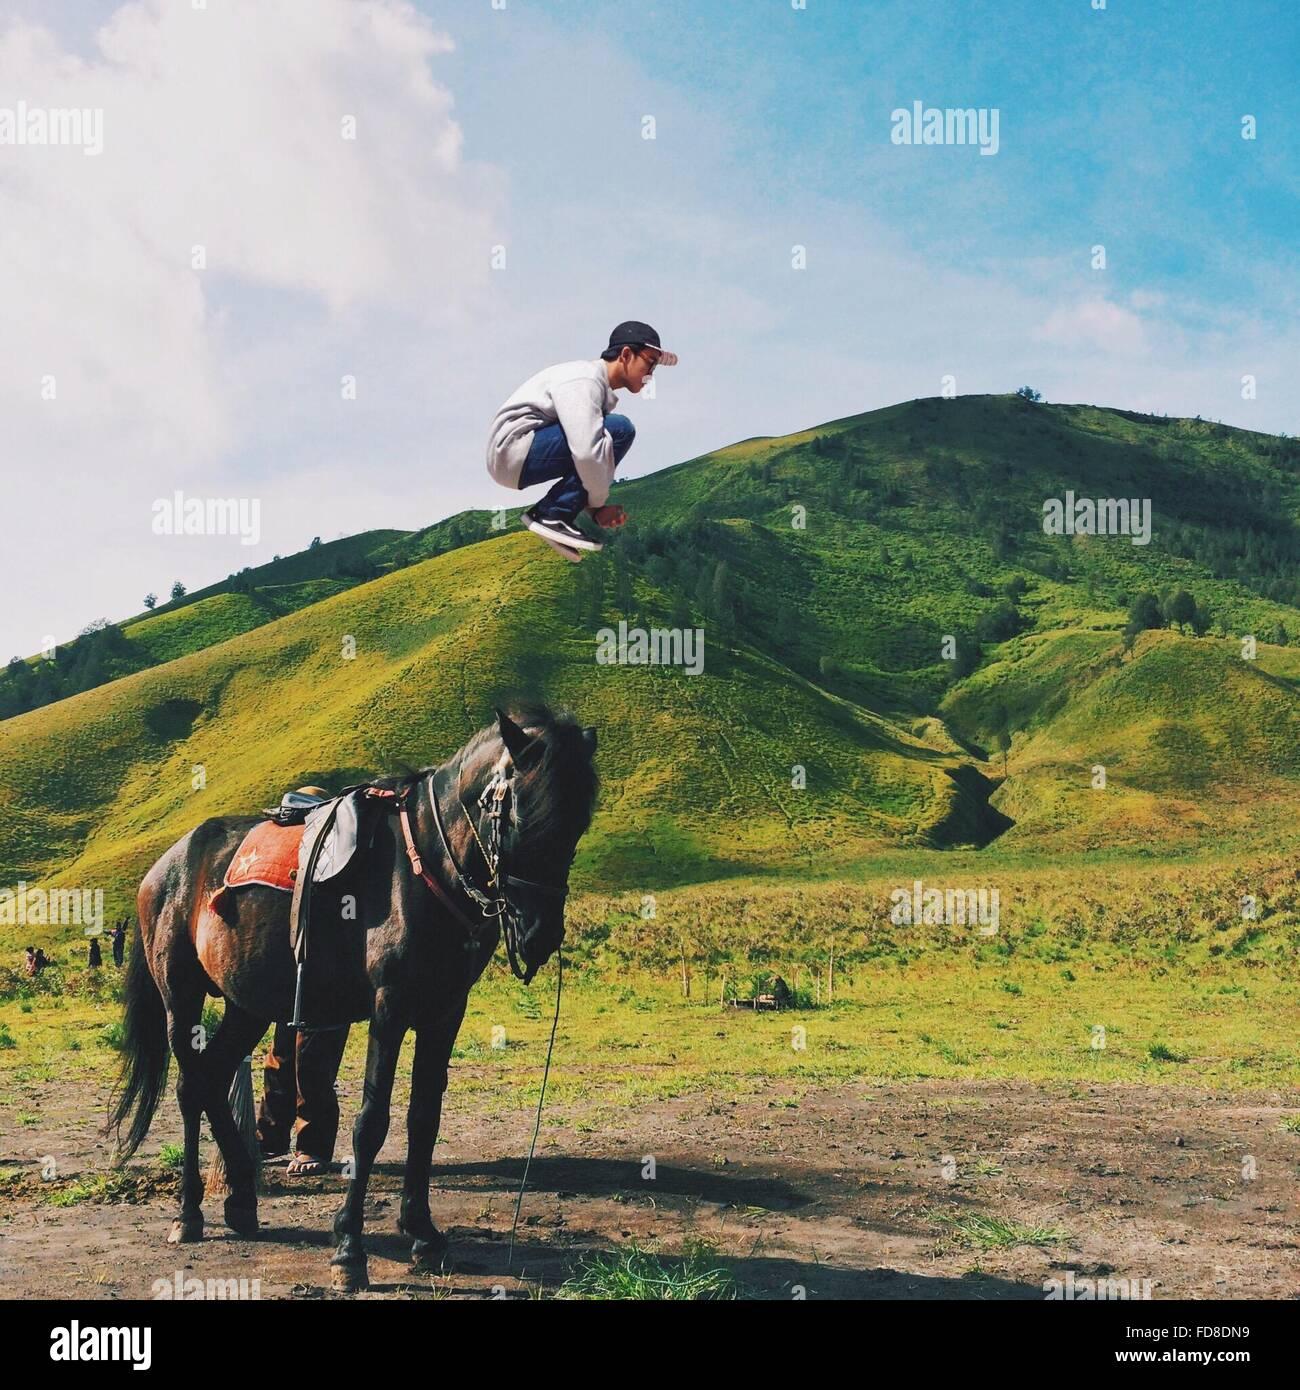 Vista lateral del hombre saltando en medio del aire contra las montañas verdes Imagen De Stock